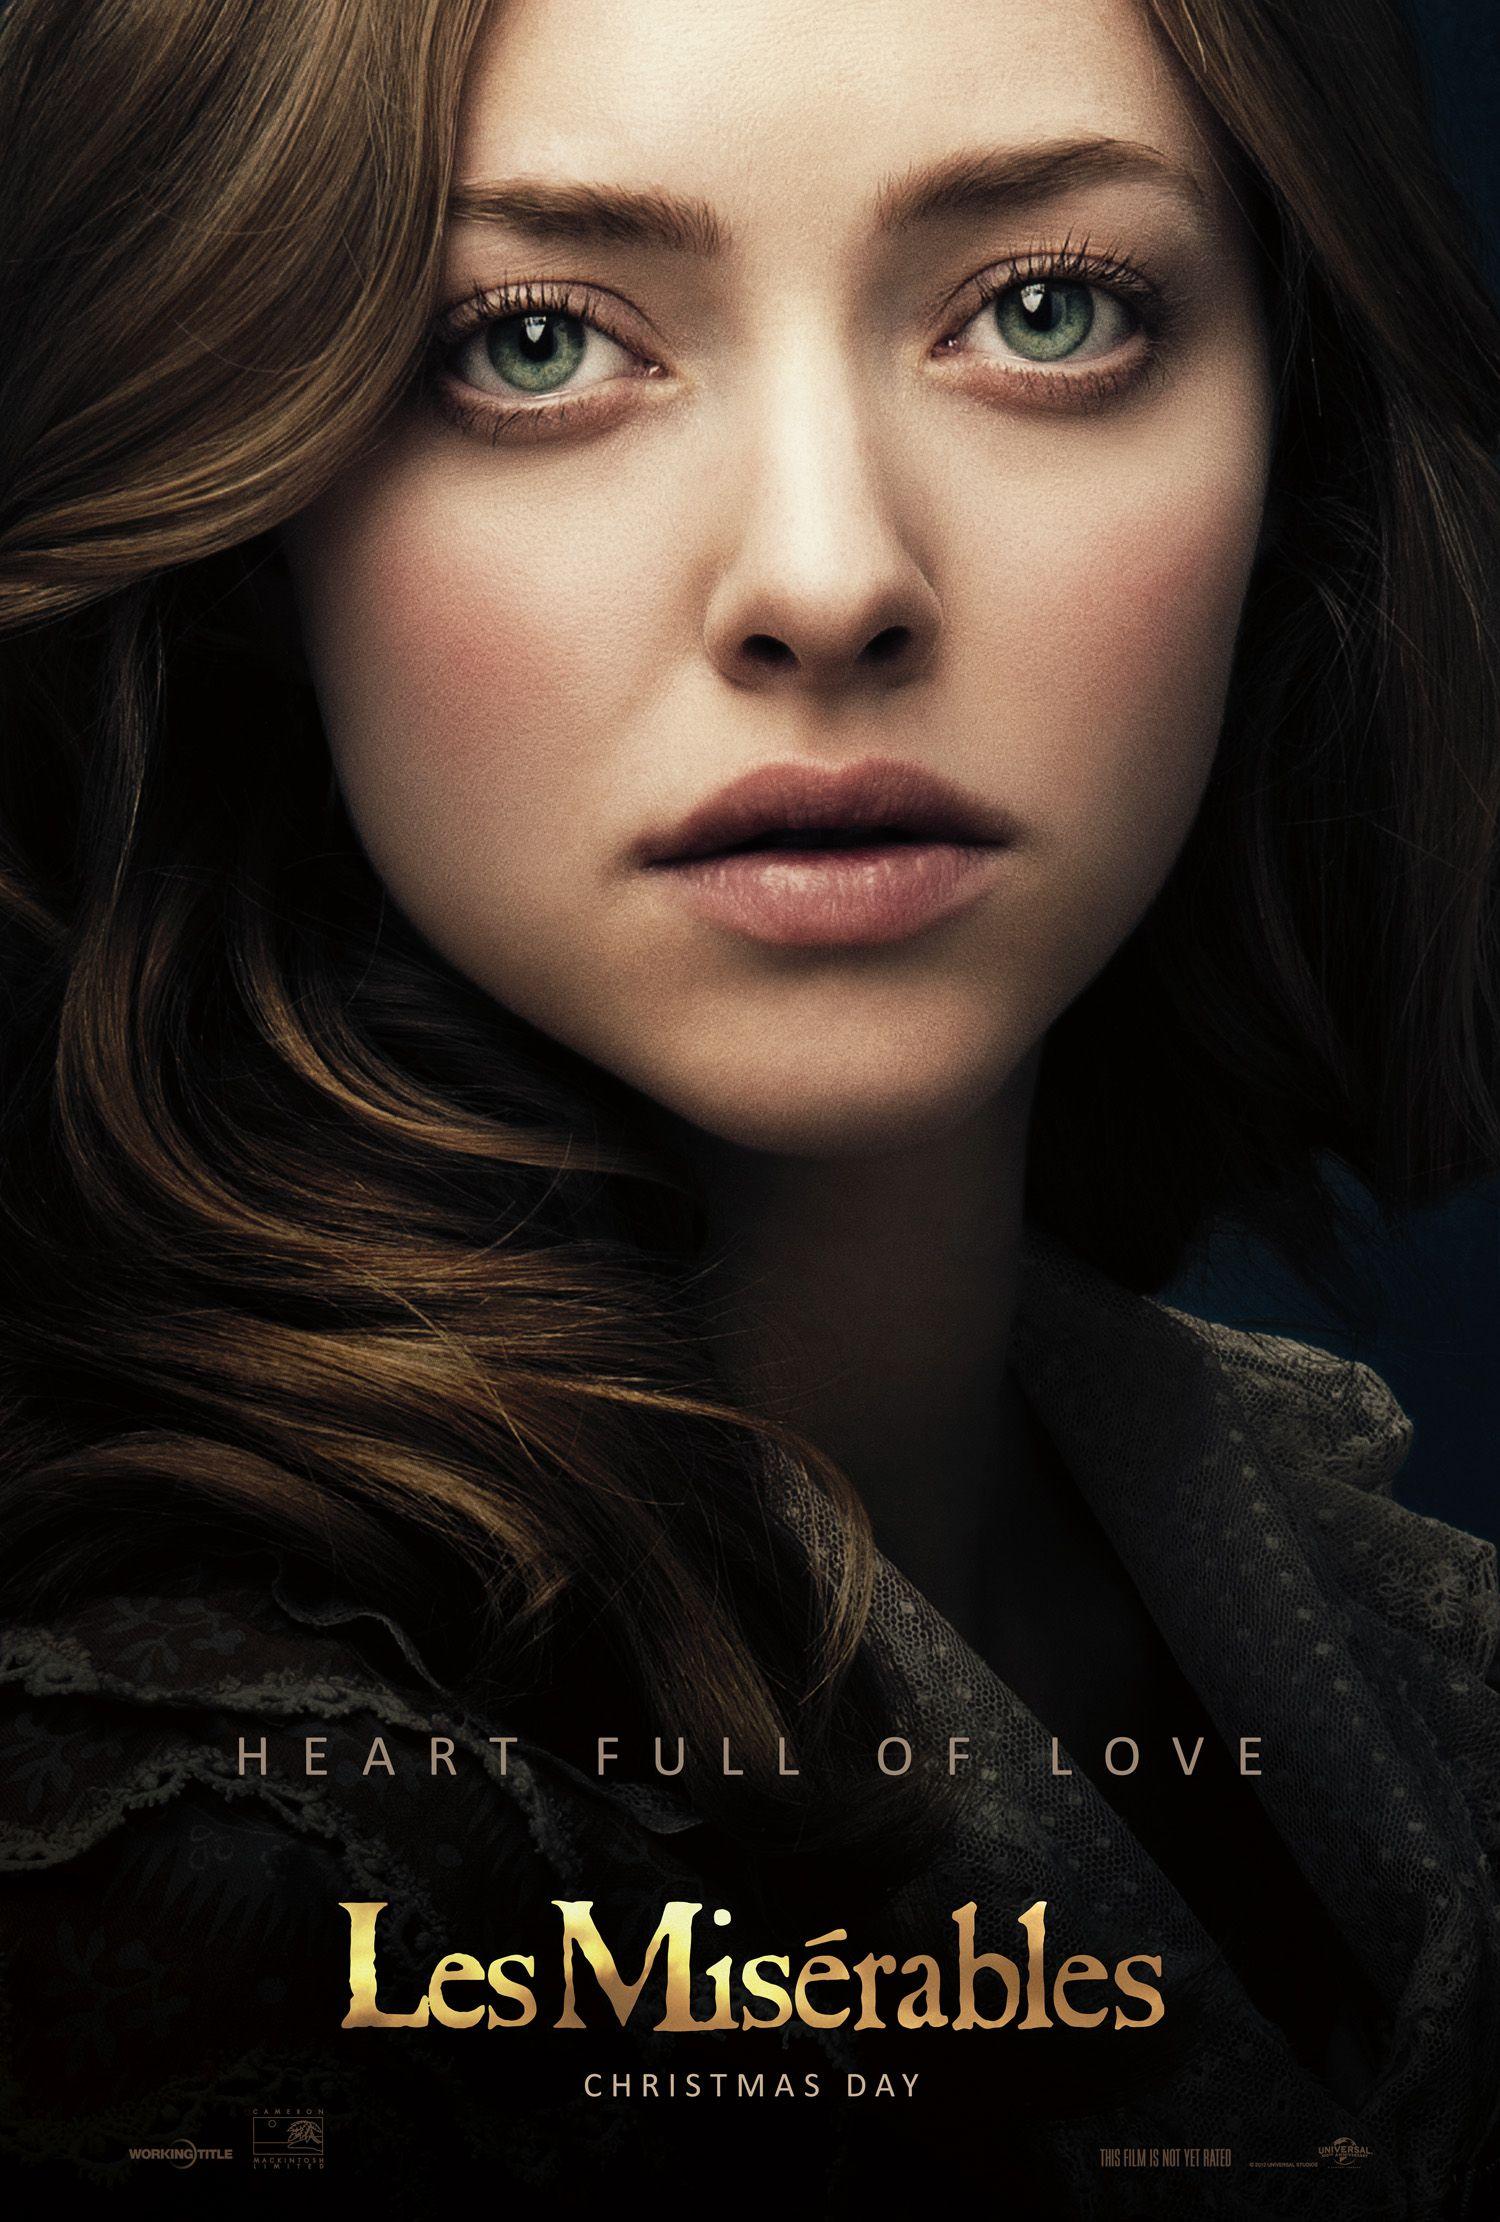 Amanda Seyfried Sex Scandal heart full of love. amanda seyfried is cosette in les